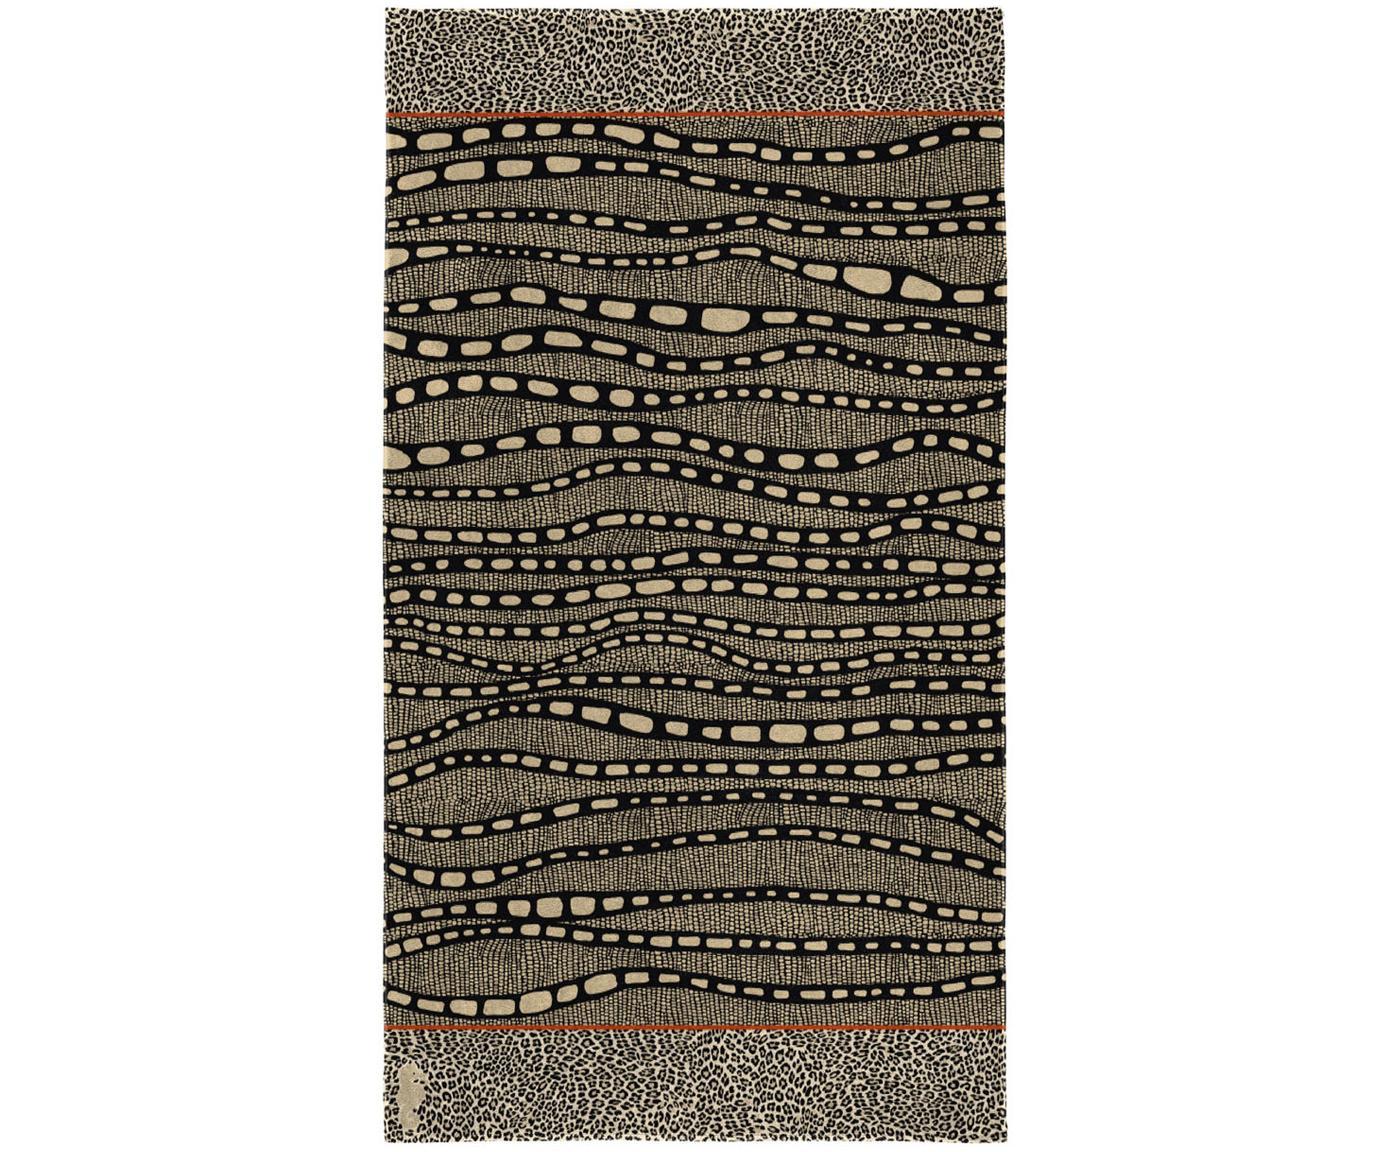 Strandtuch Idris, 100% Velours (Baumwolle) mittelschwere Stoffqualität, 420g/m², Brauntöne, Beigetöne, Schwarz, Orange, 100 x 180 cm